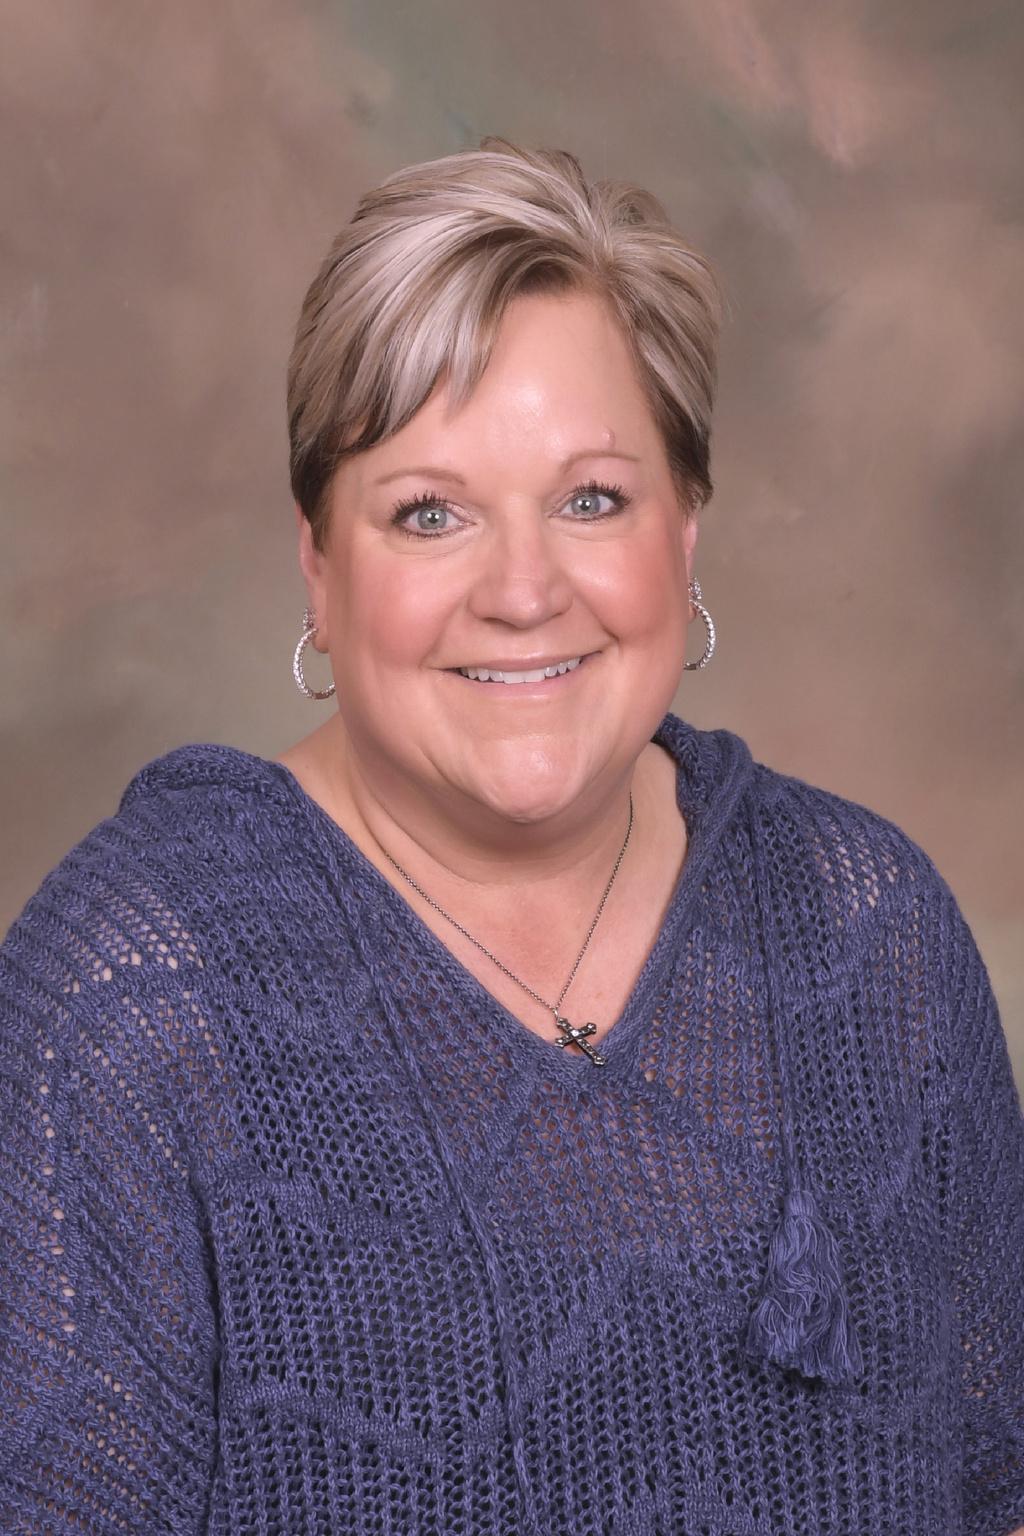 Wendy Keener